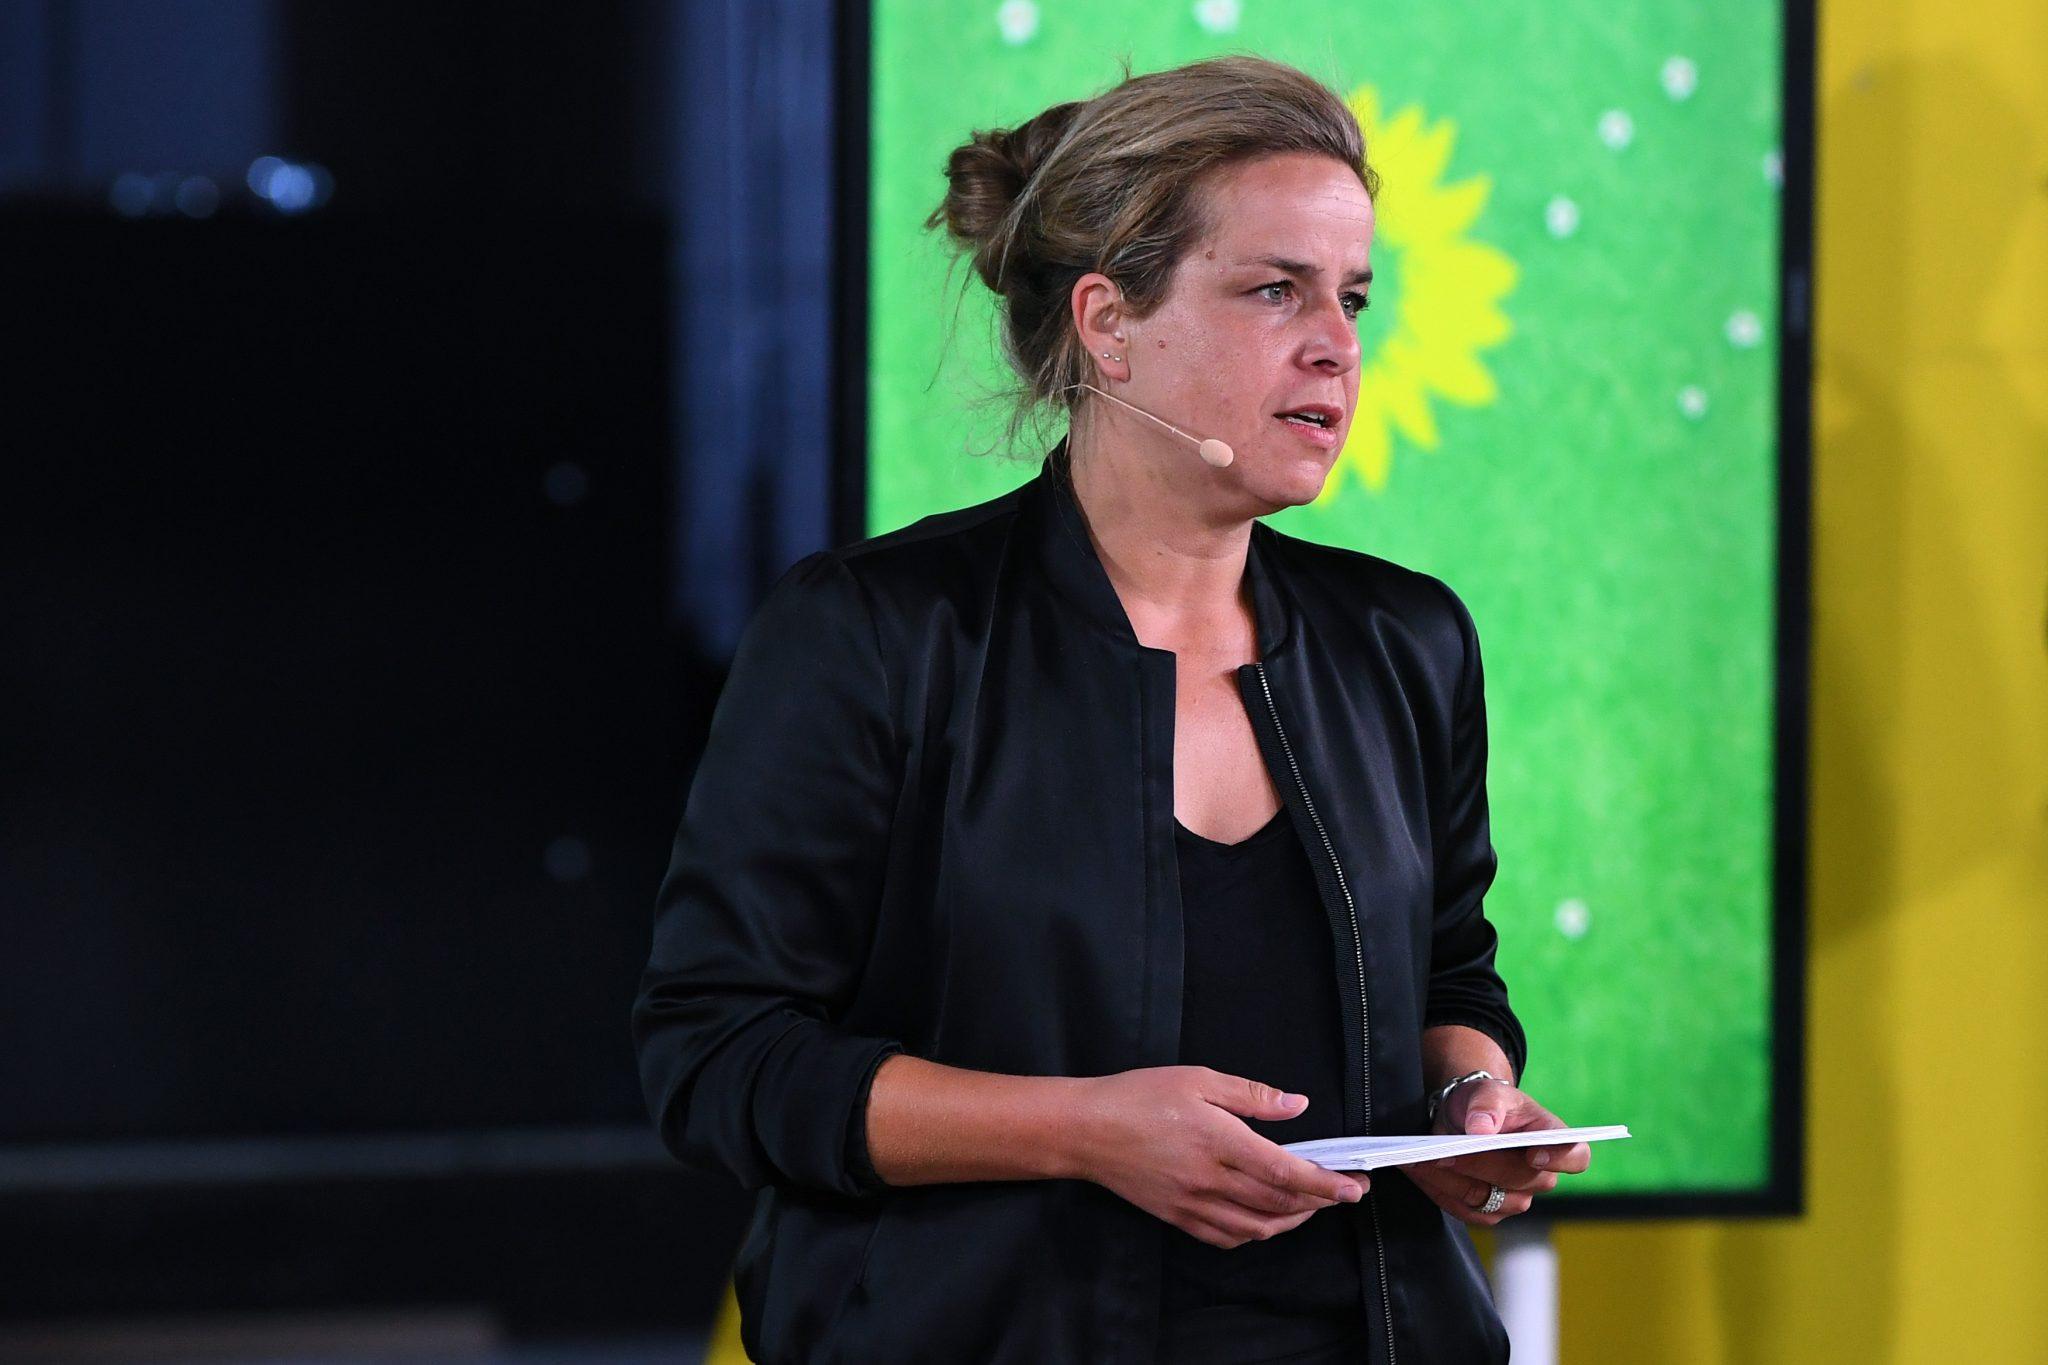 Die nordrhein-westfälische Grünen-Landesvorsitzende Mona Neubaur lehnt die Nomierung der Bielefelder Grünen ab Foto: picture alliance/Revierfoto/Revierfoto/dpa